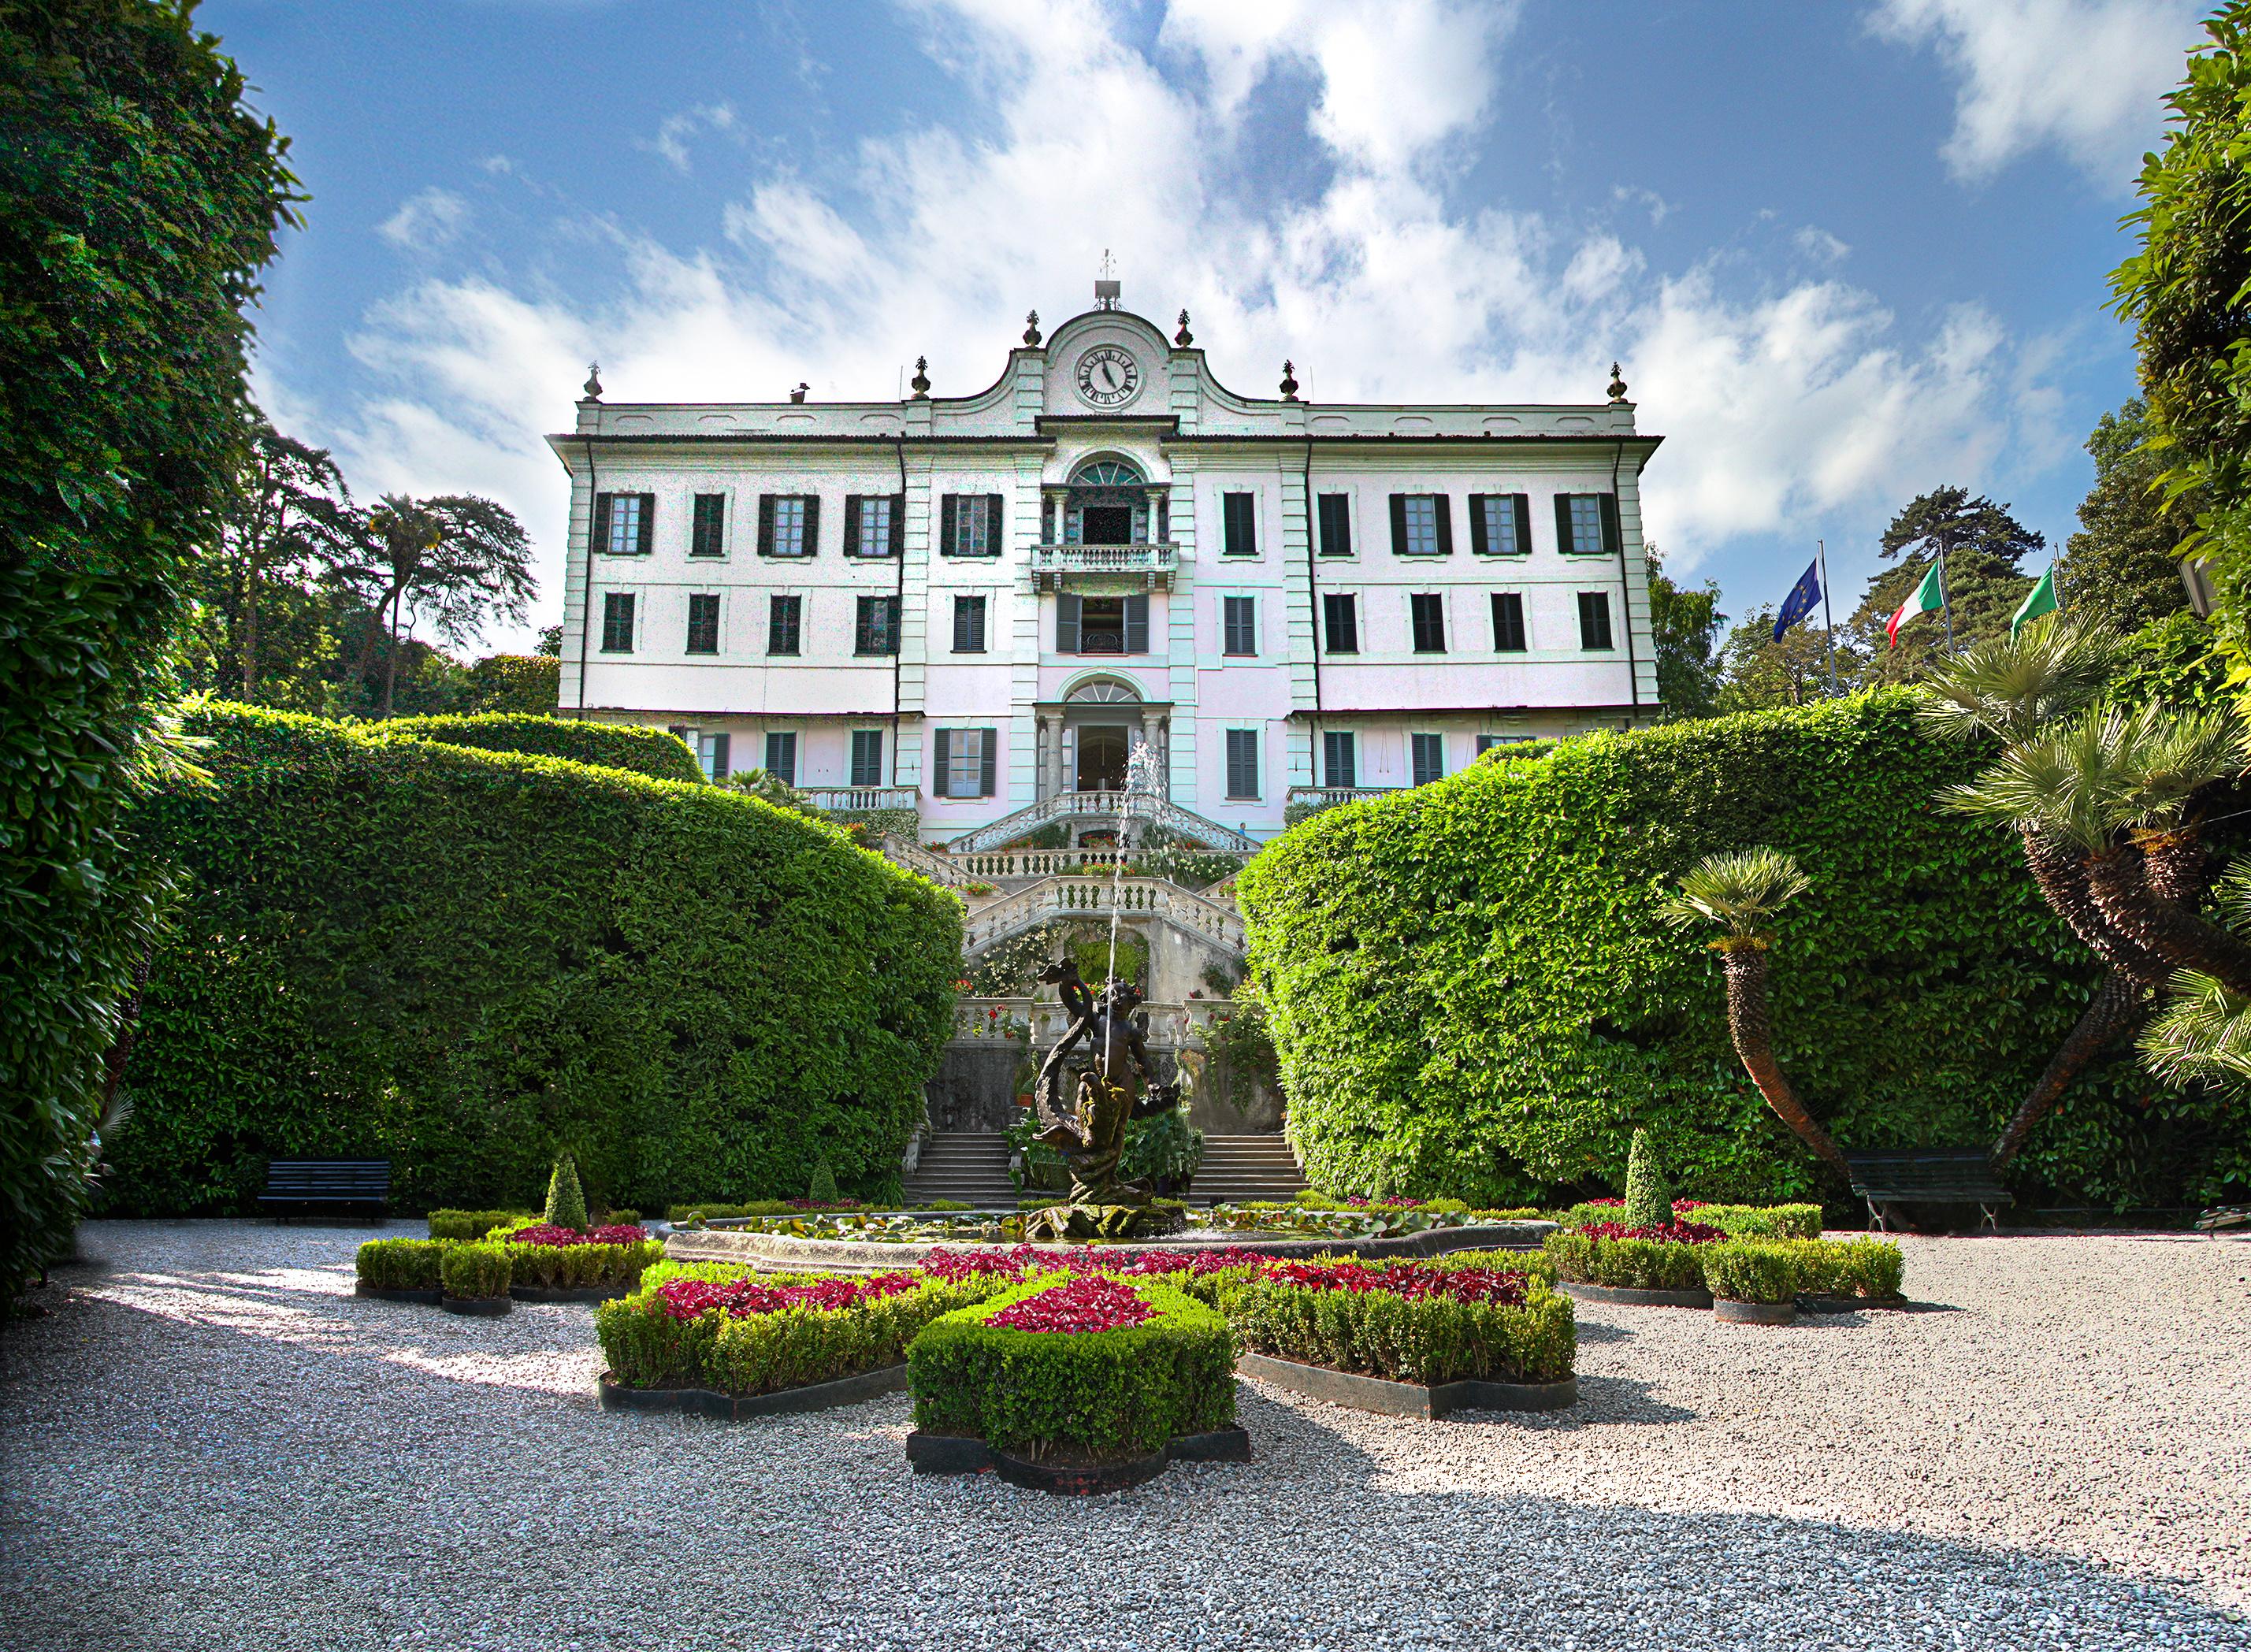 Prachtig en historie in Villa Carlotta